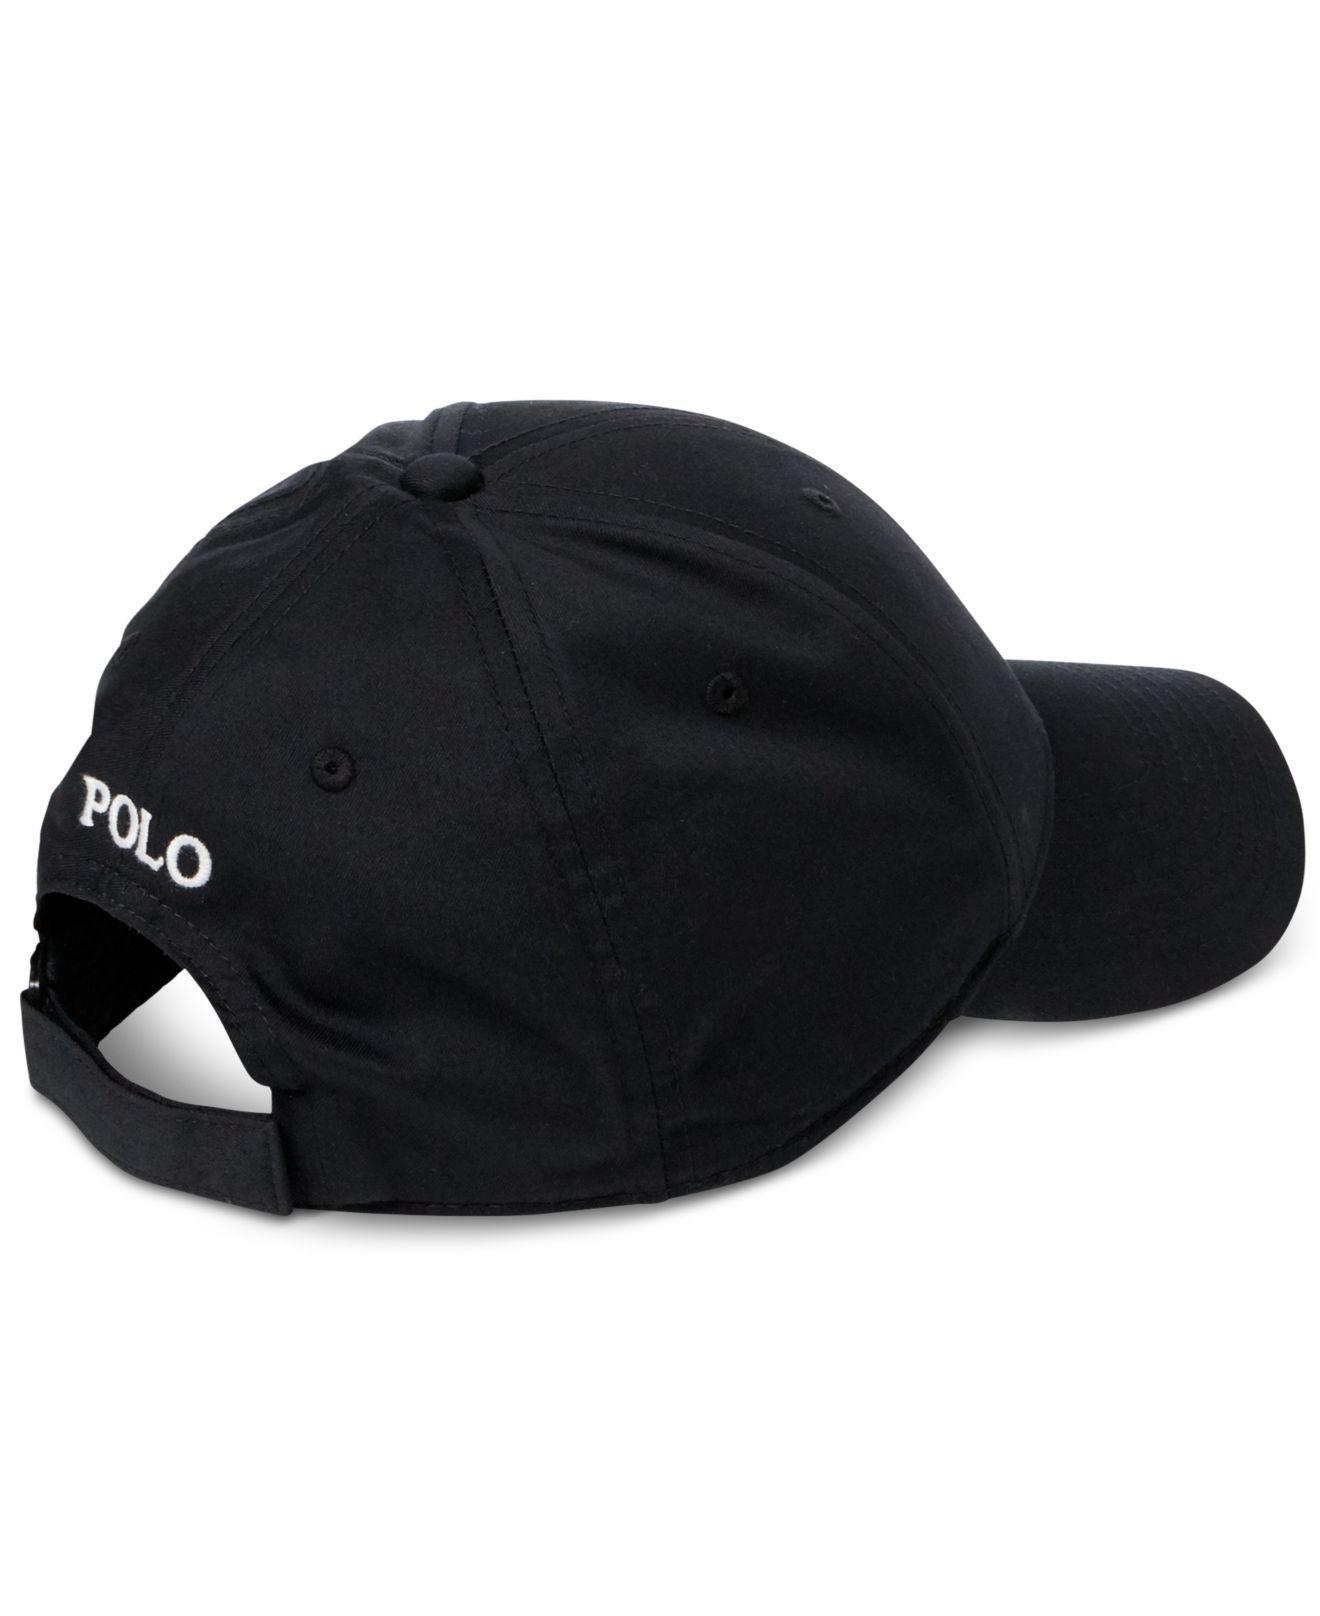 bacb9f4e45c Lyst - Polo Ralph Lauren Baseline Performance Cap in Black for Men